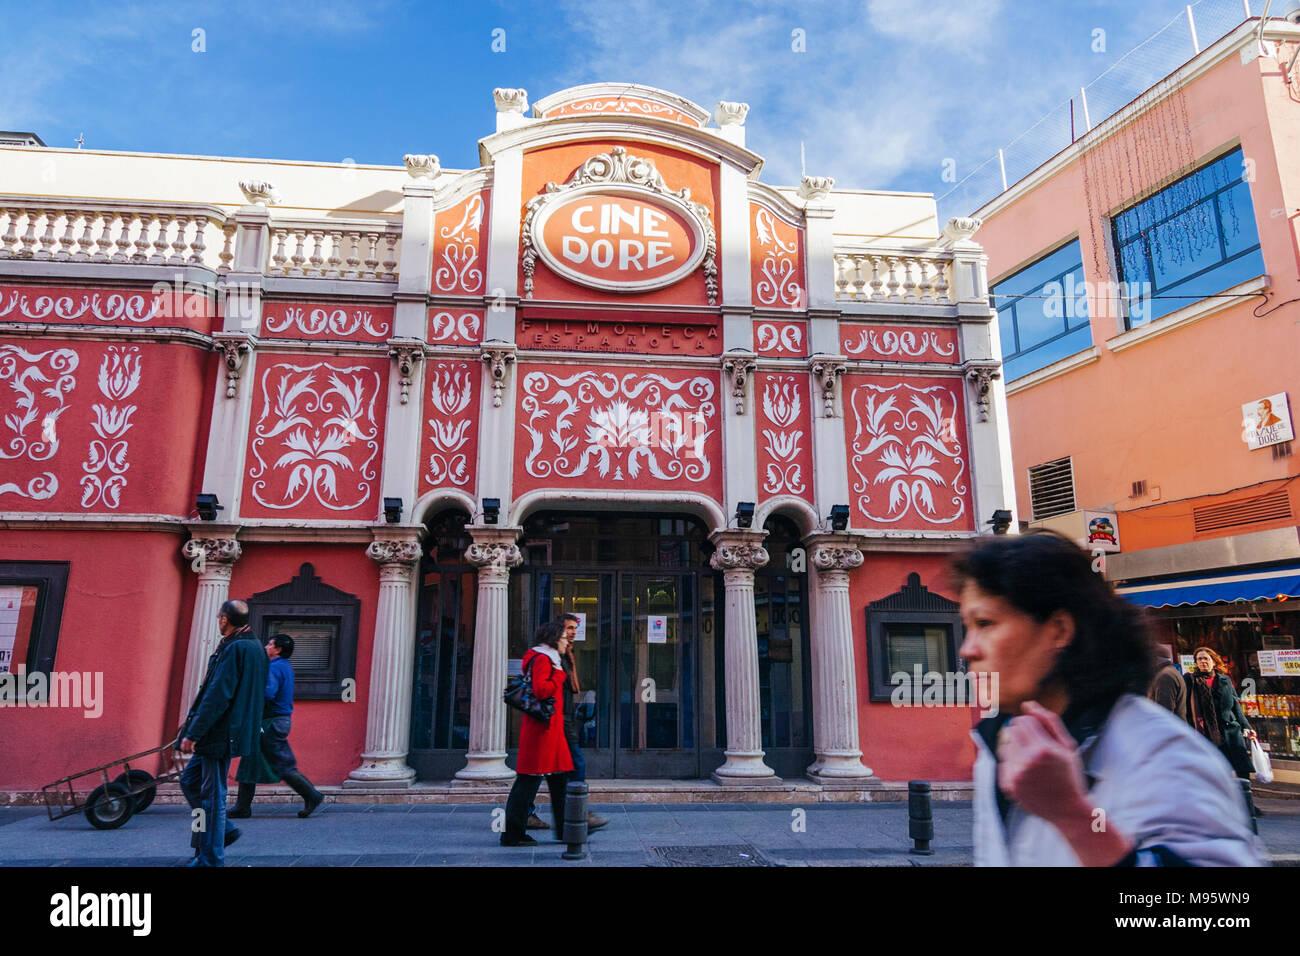 Madrid, España : La gente camina pasado Cine Doré, el cine en español de la Cinemateca (Filmoteca Española) y destacados por Pedro Almodóvar en Hable con ella Imagen De Stock